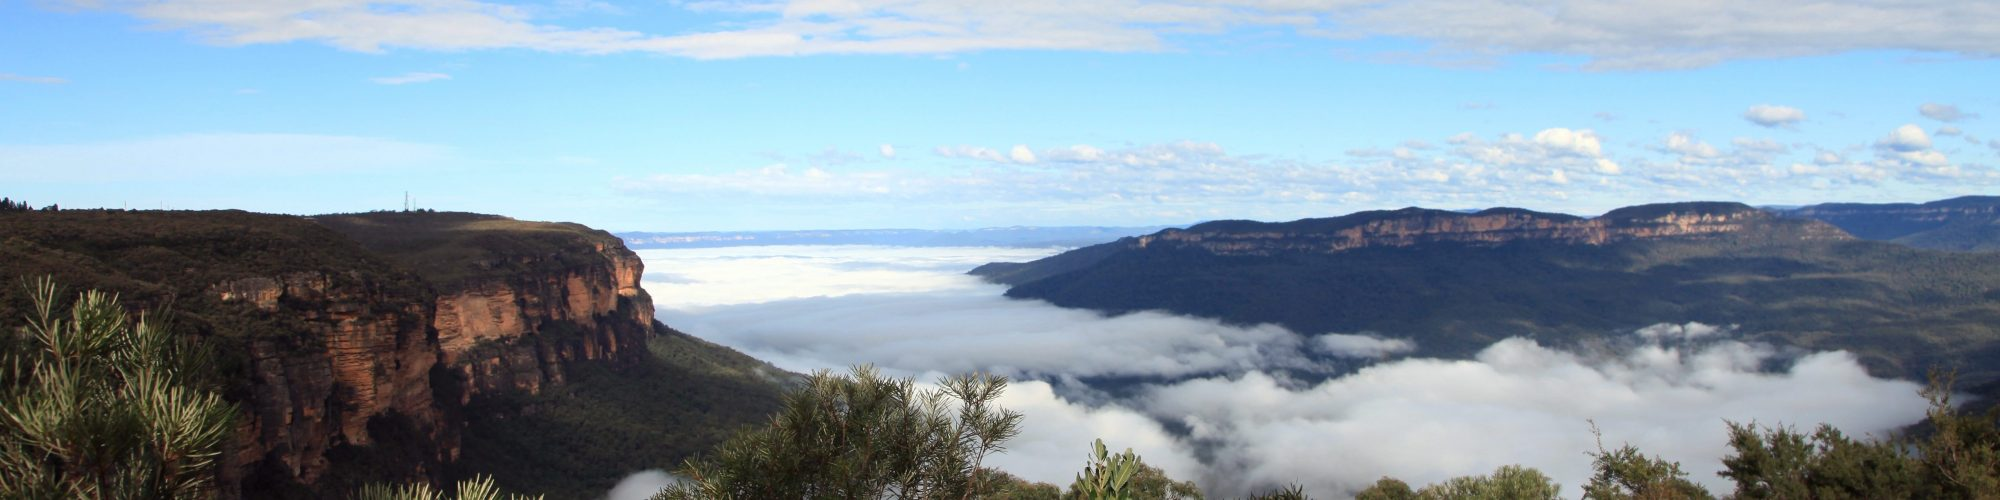 Blue Mountains - Credit: Dave Ireland Tourism Australia